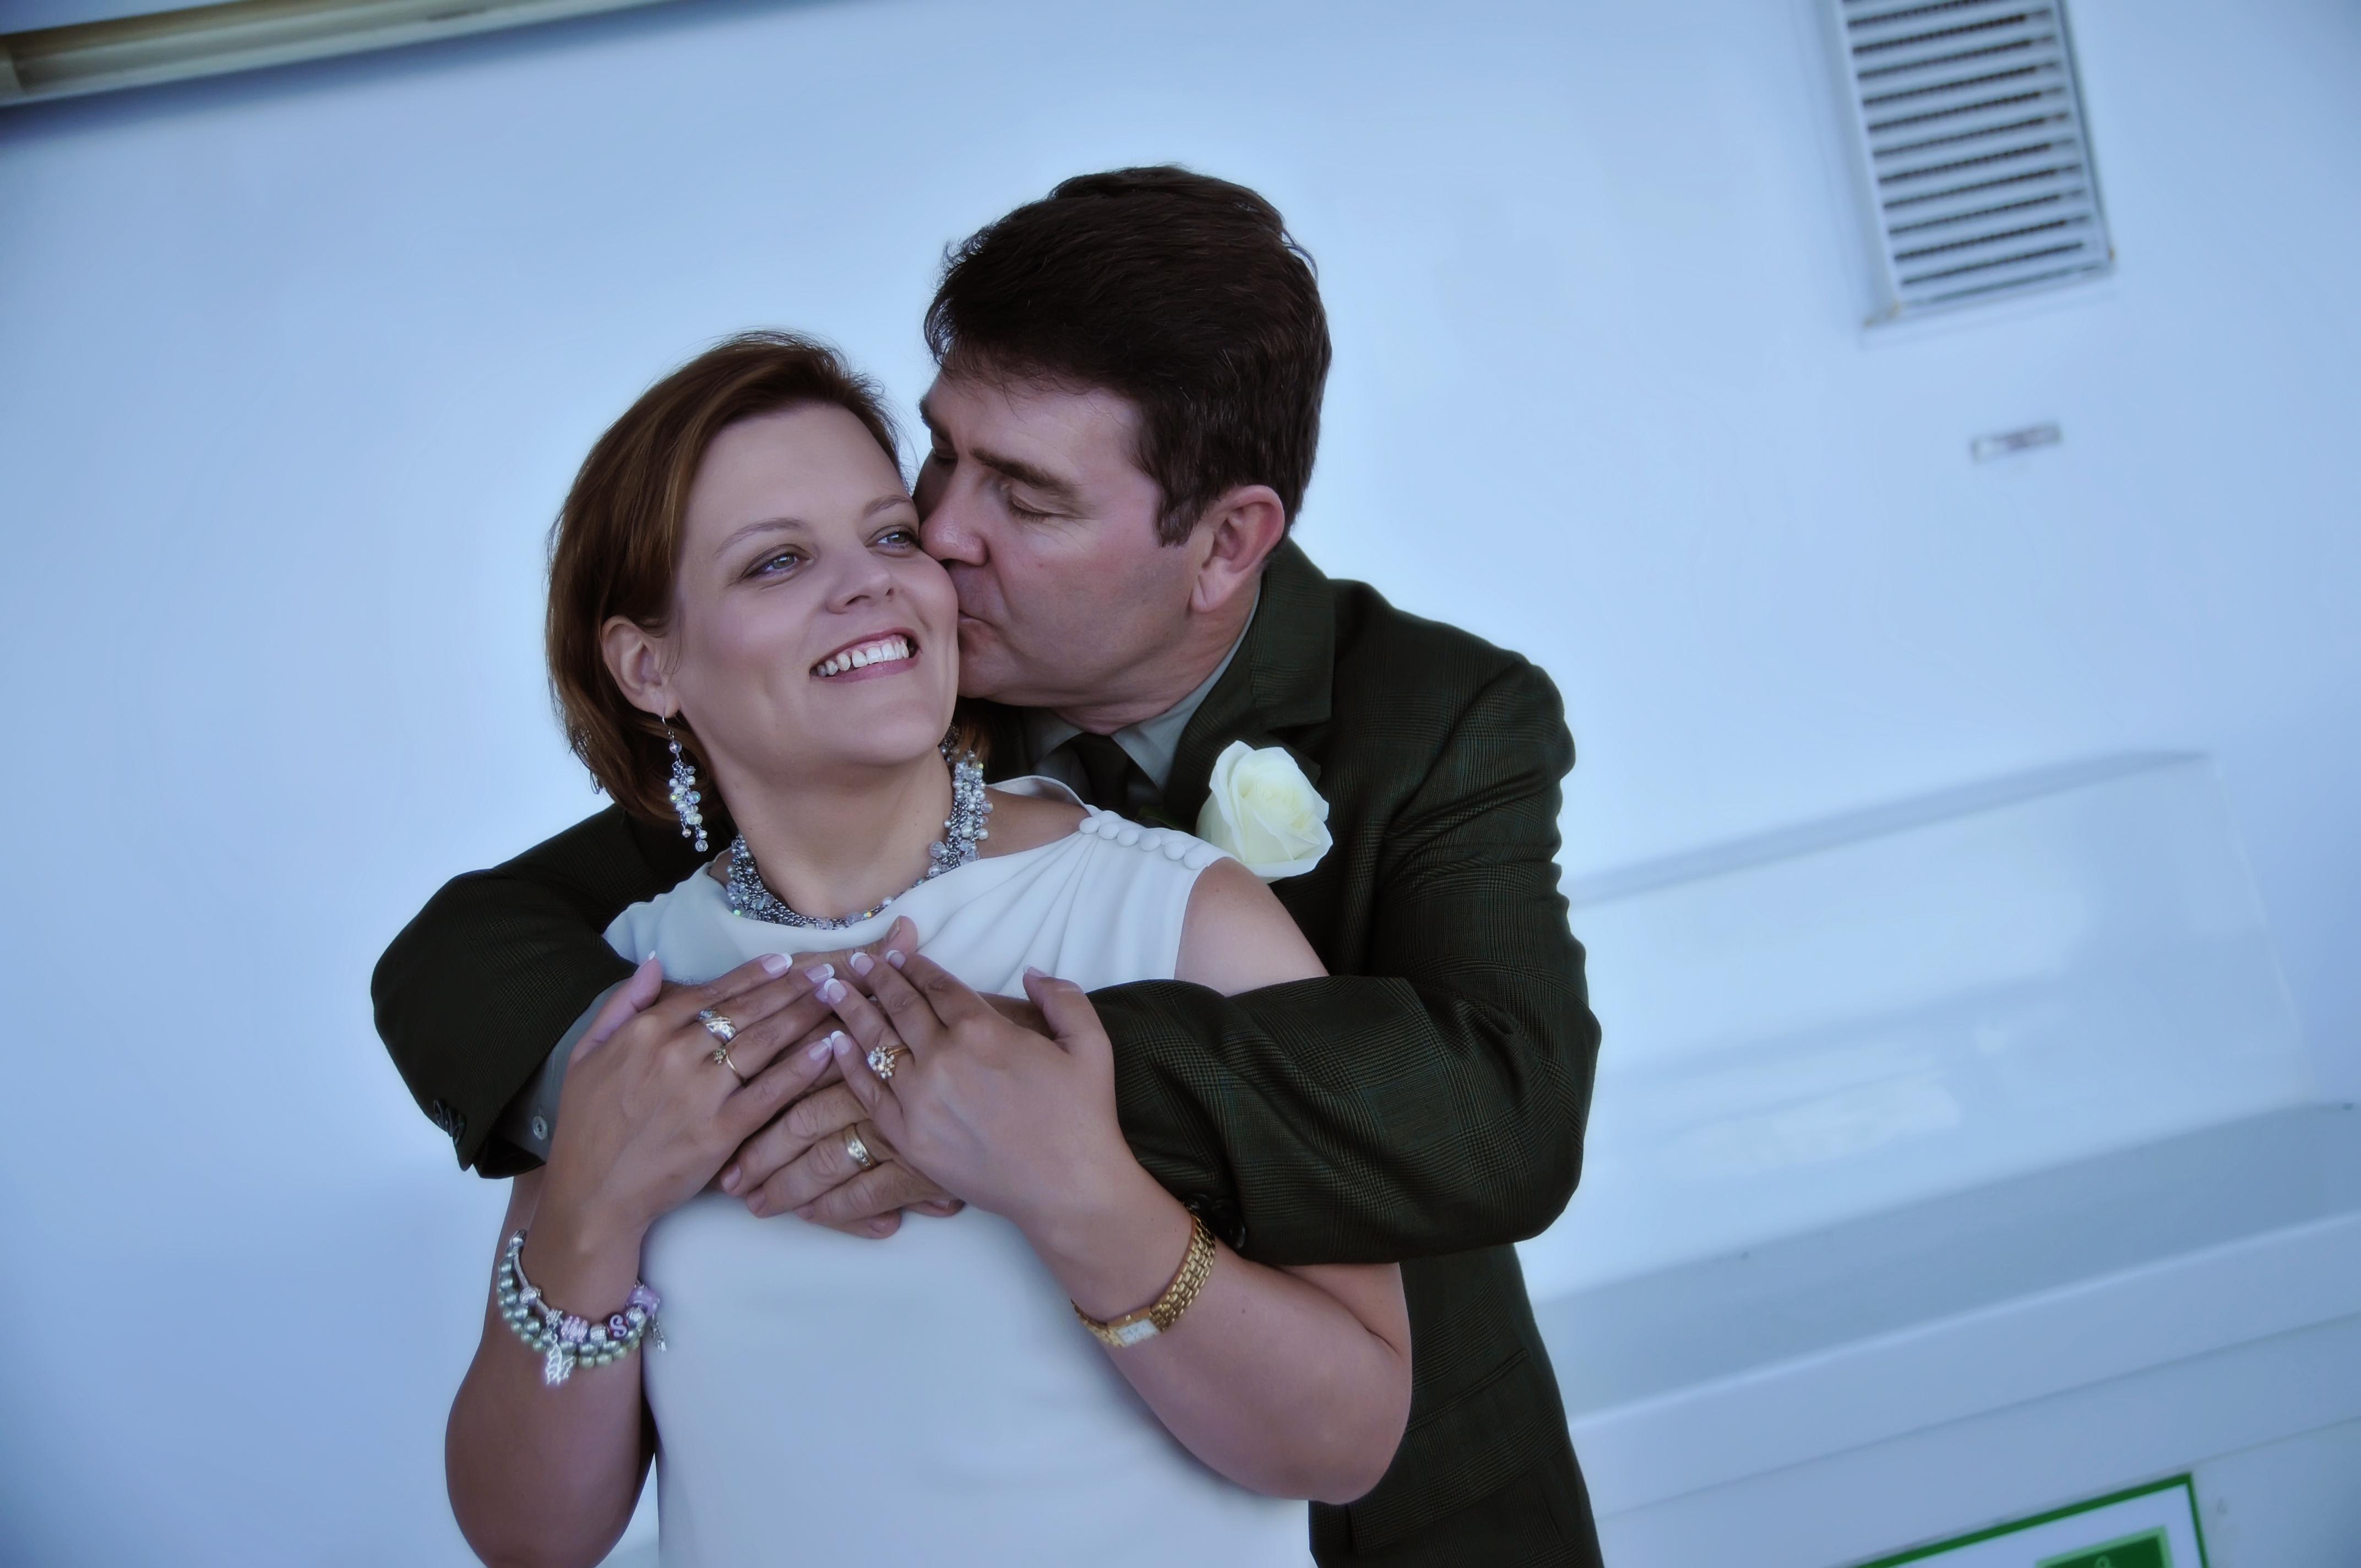 Love At First Sight | Mrs. Scherer